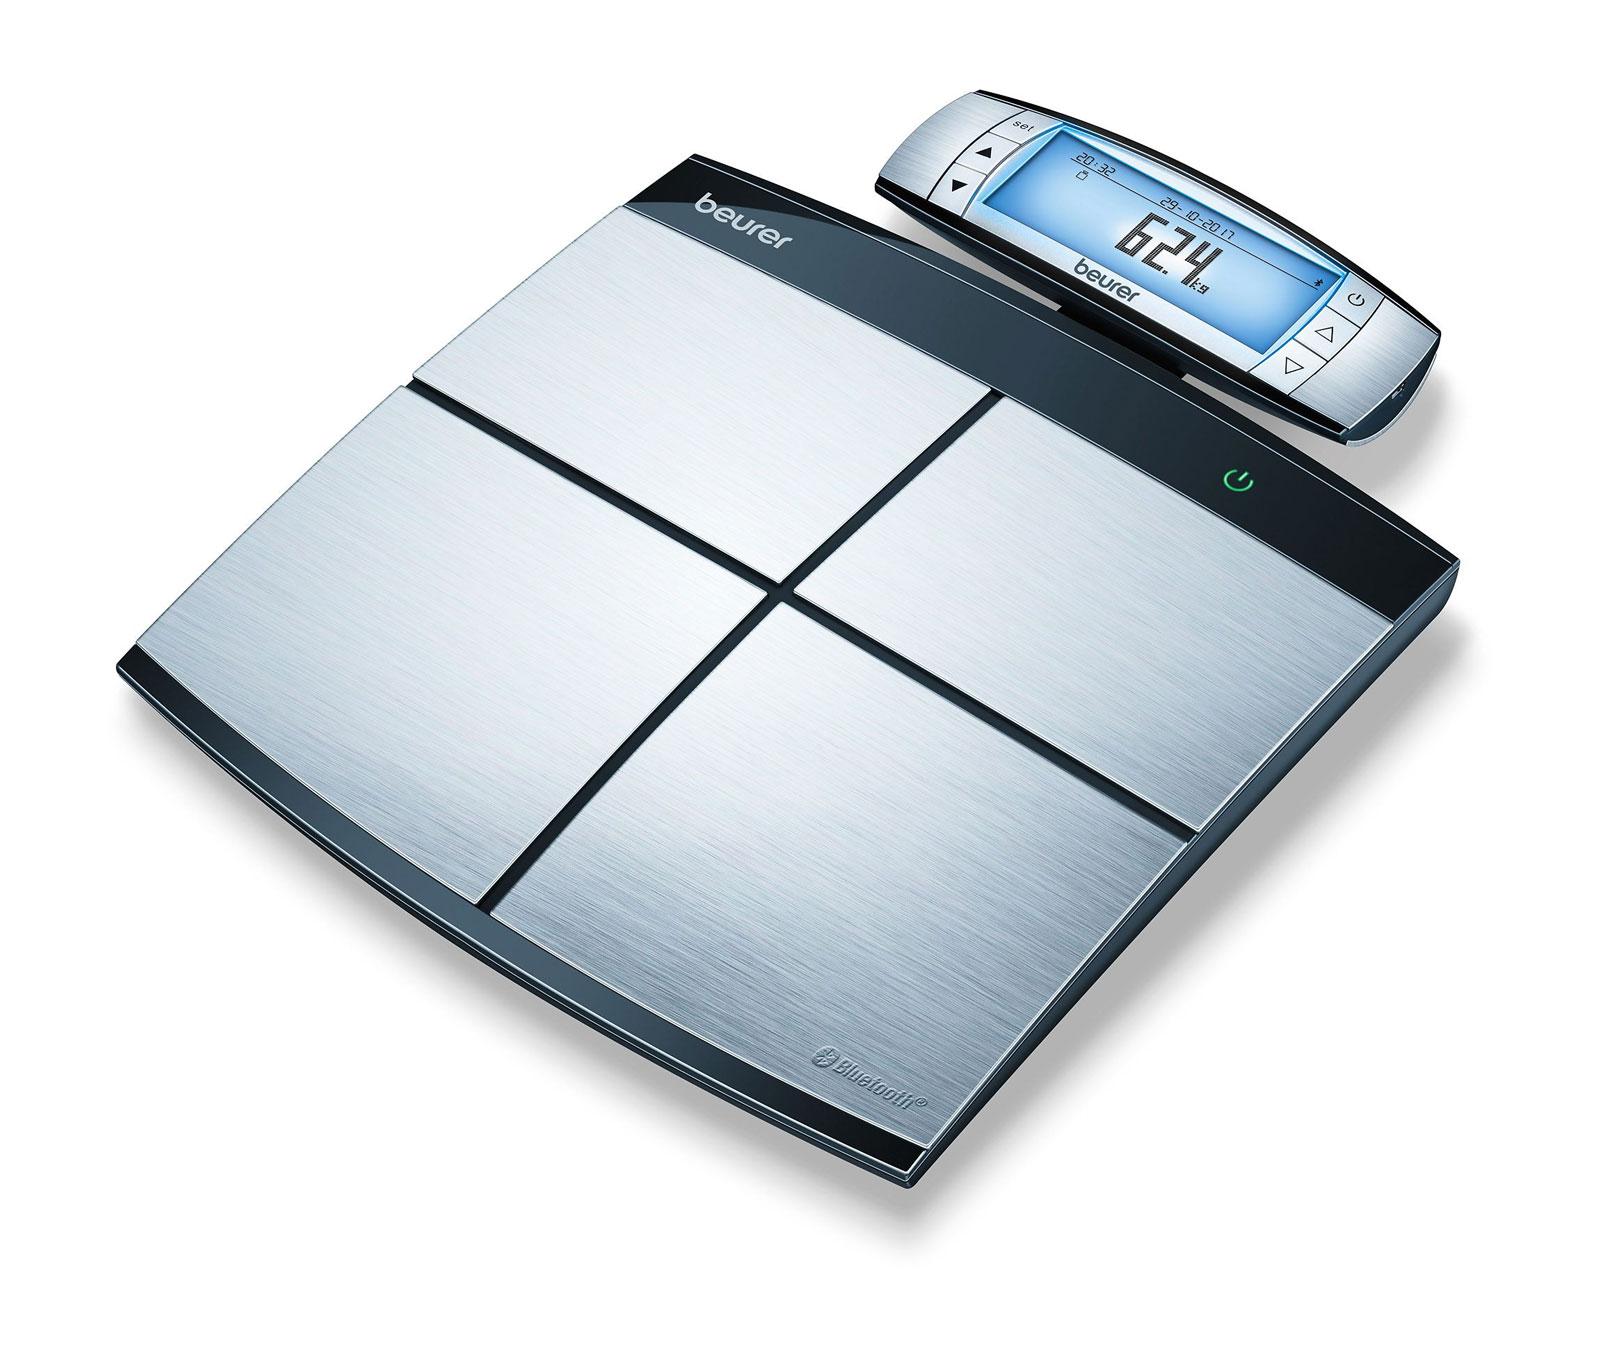 Smarte Waagen ermiiteln den prozentualen Anteil von Fett und Wasser sowie von Muskeln und Knochen.